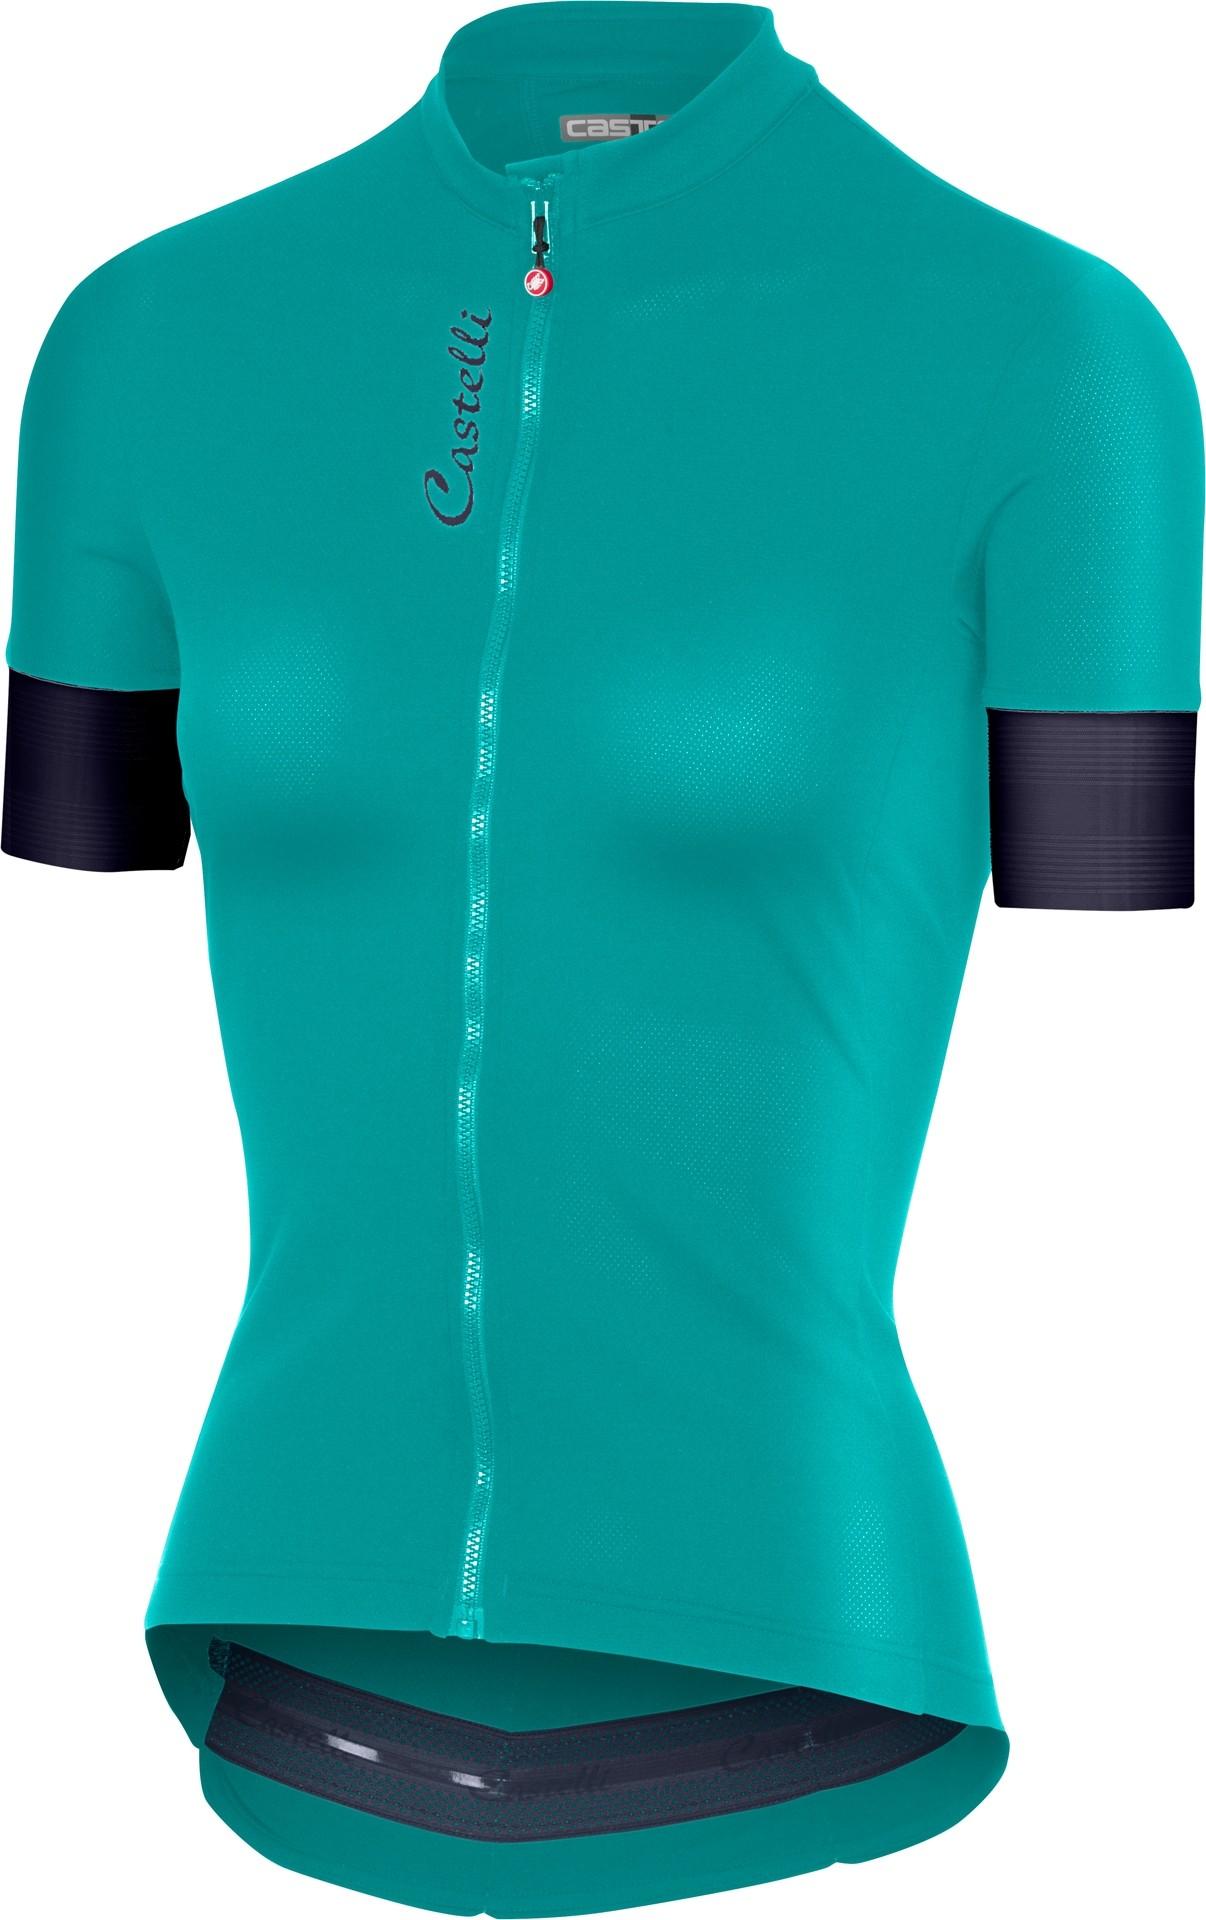 Castelli anima 2 maillot de cyclisme manches courtes femme turquoise vert steel blue foncé